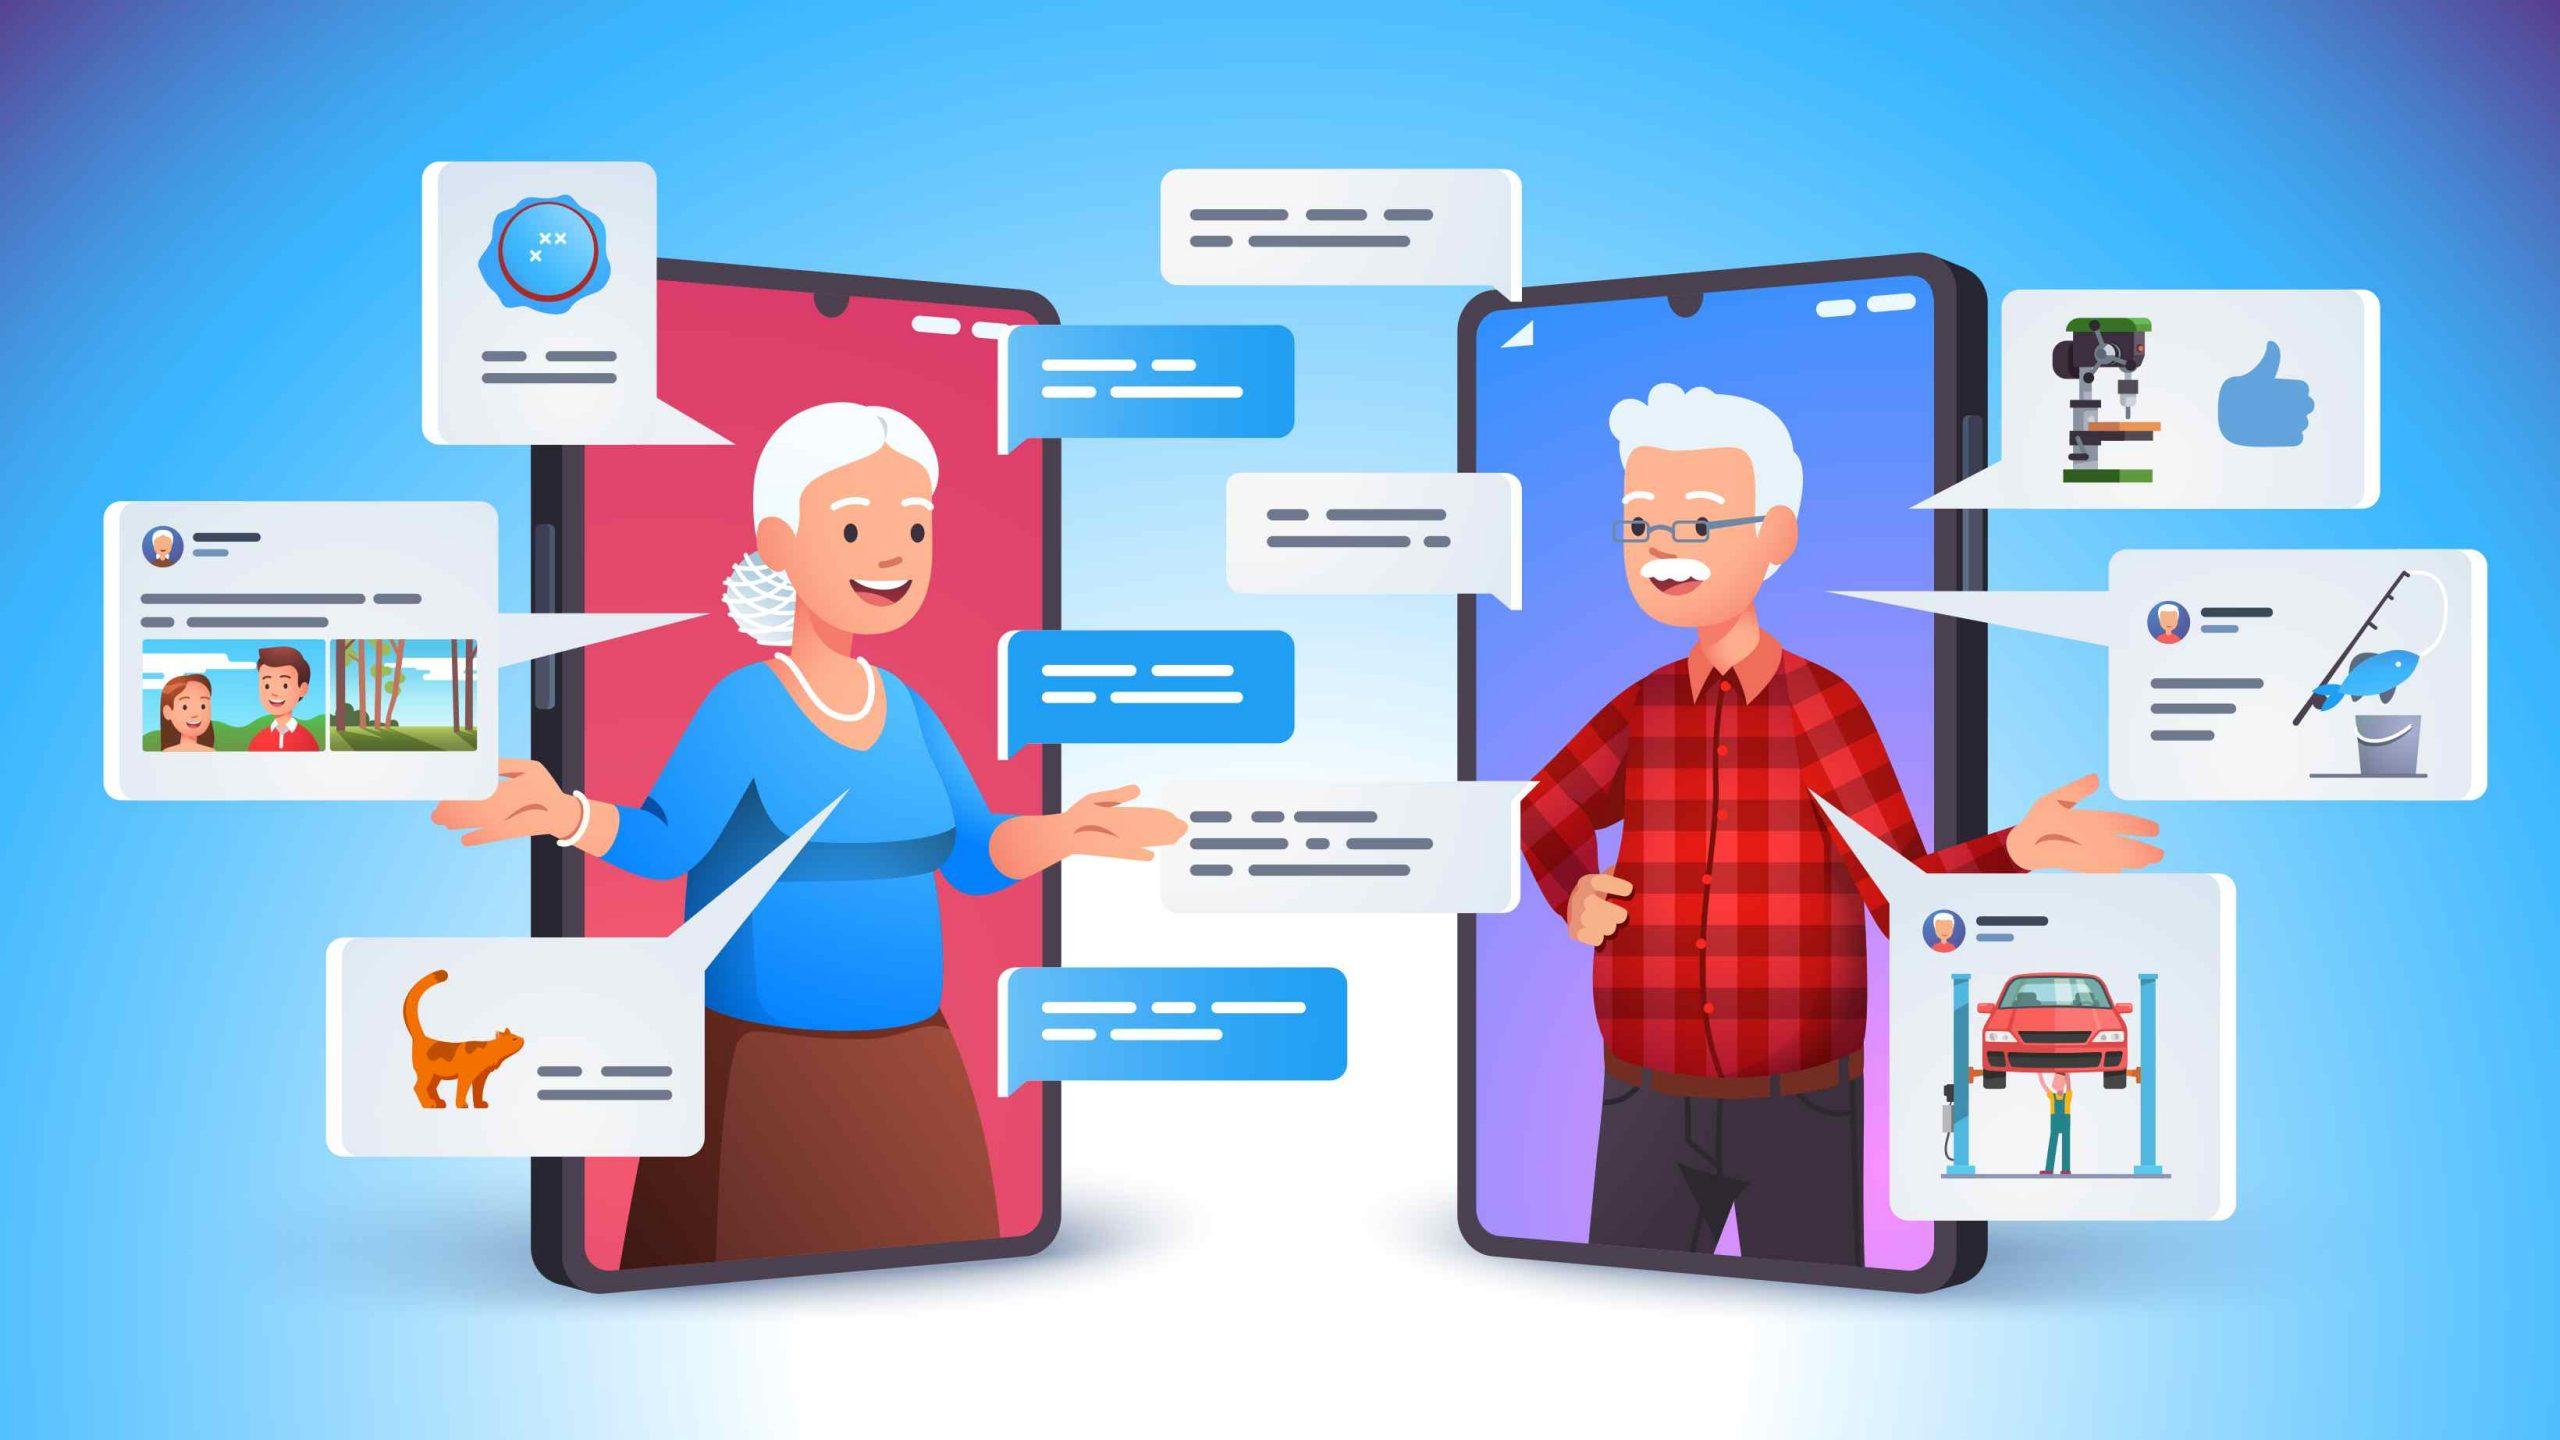 Tekening van ouderen in een telefoon die druk zijn op social media.